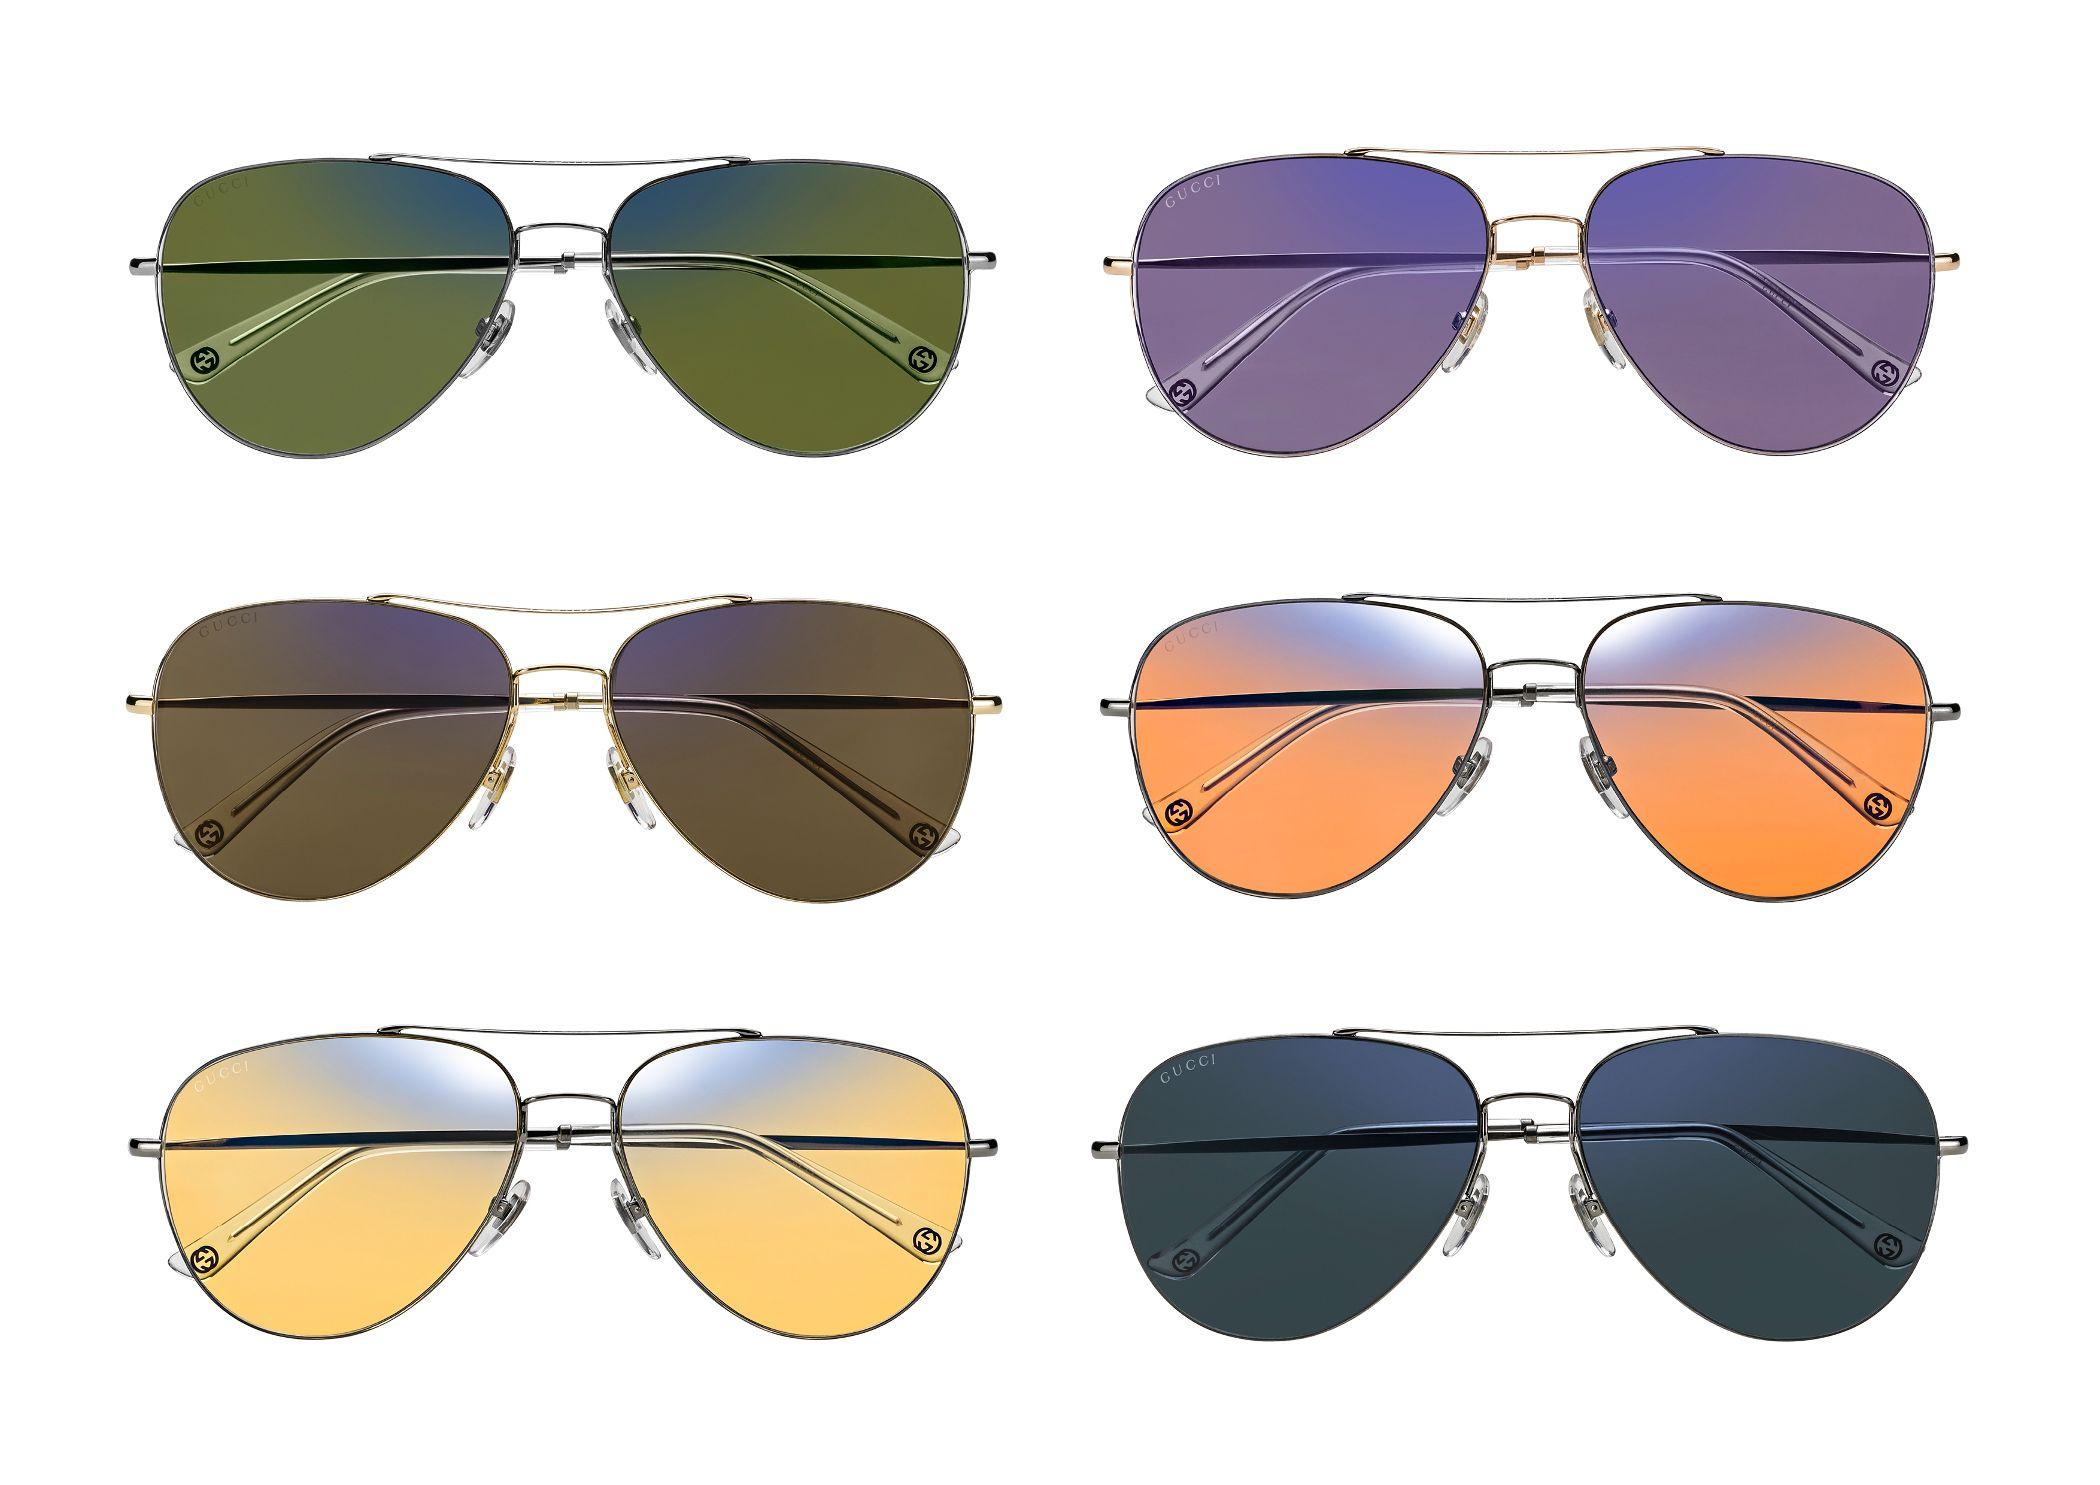 b93209176d En lentes de sol se impone la elegancia y color | LENTES | Lentes de ...